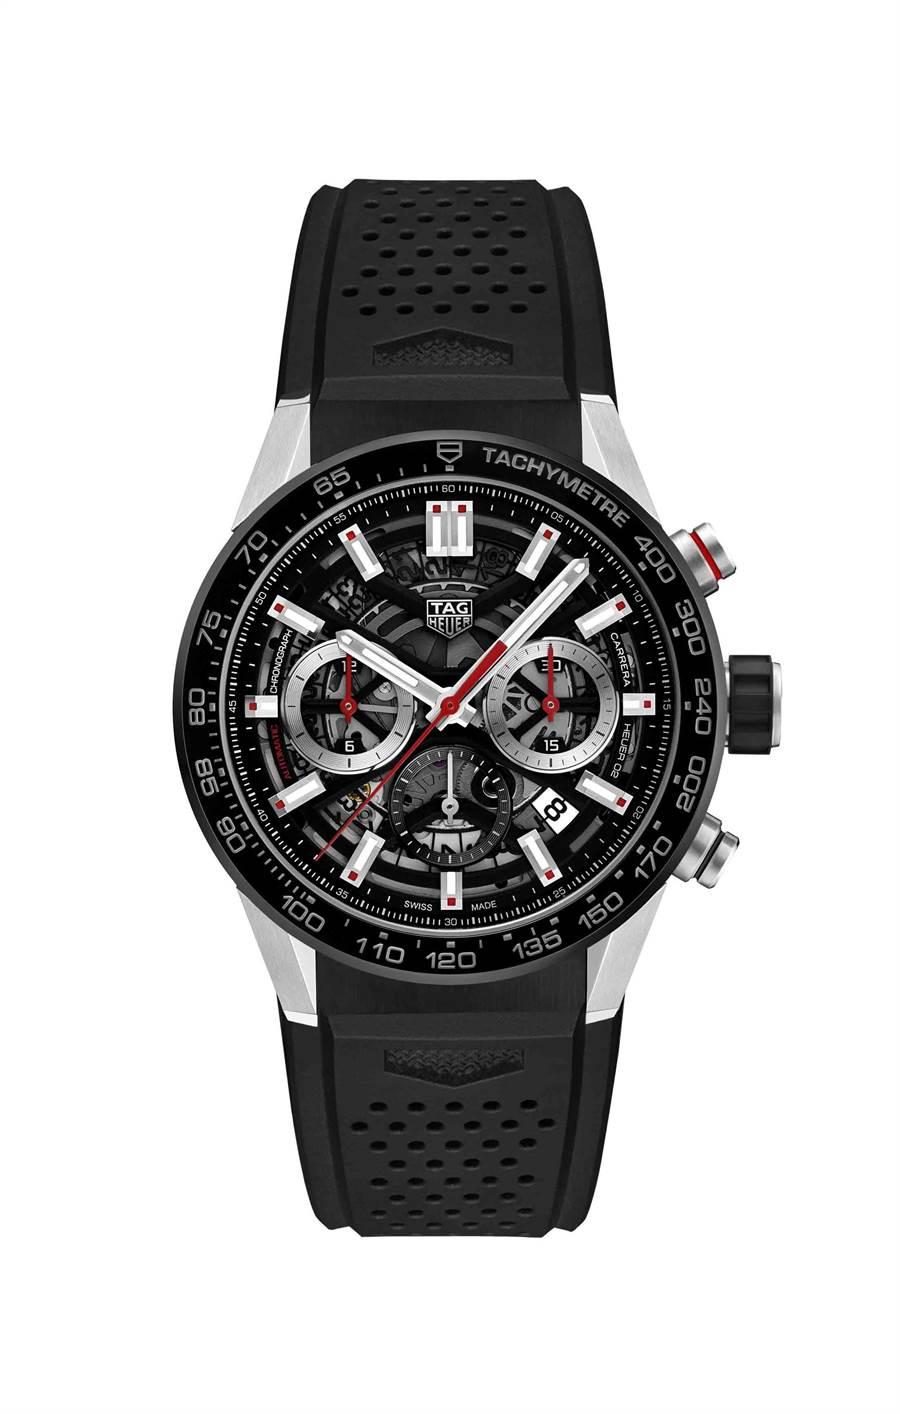 泰格豪雅Carrera Calibre Heuer 02自動計時腕表,17萬3300元。(TAG Heuer提供)